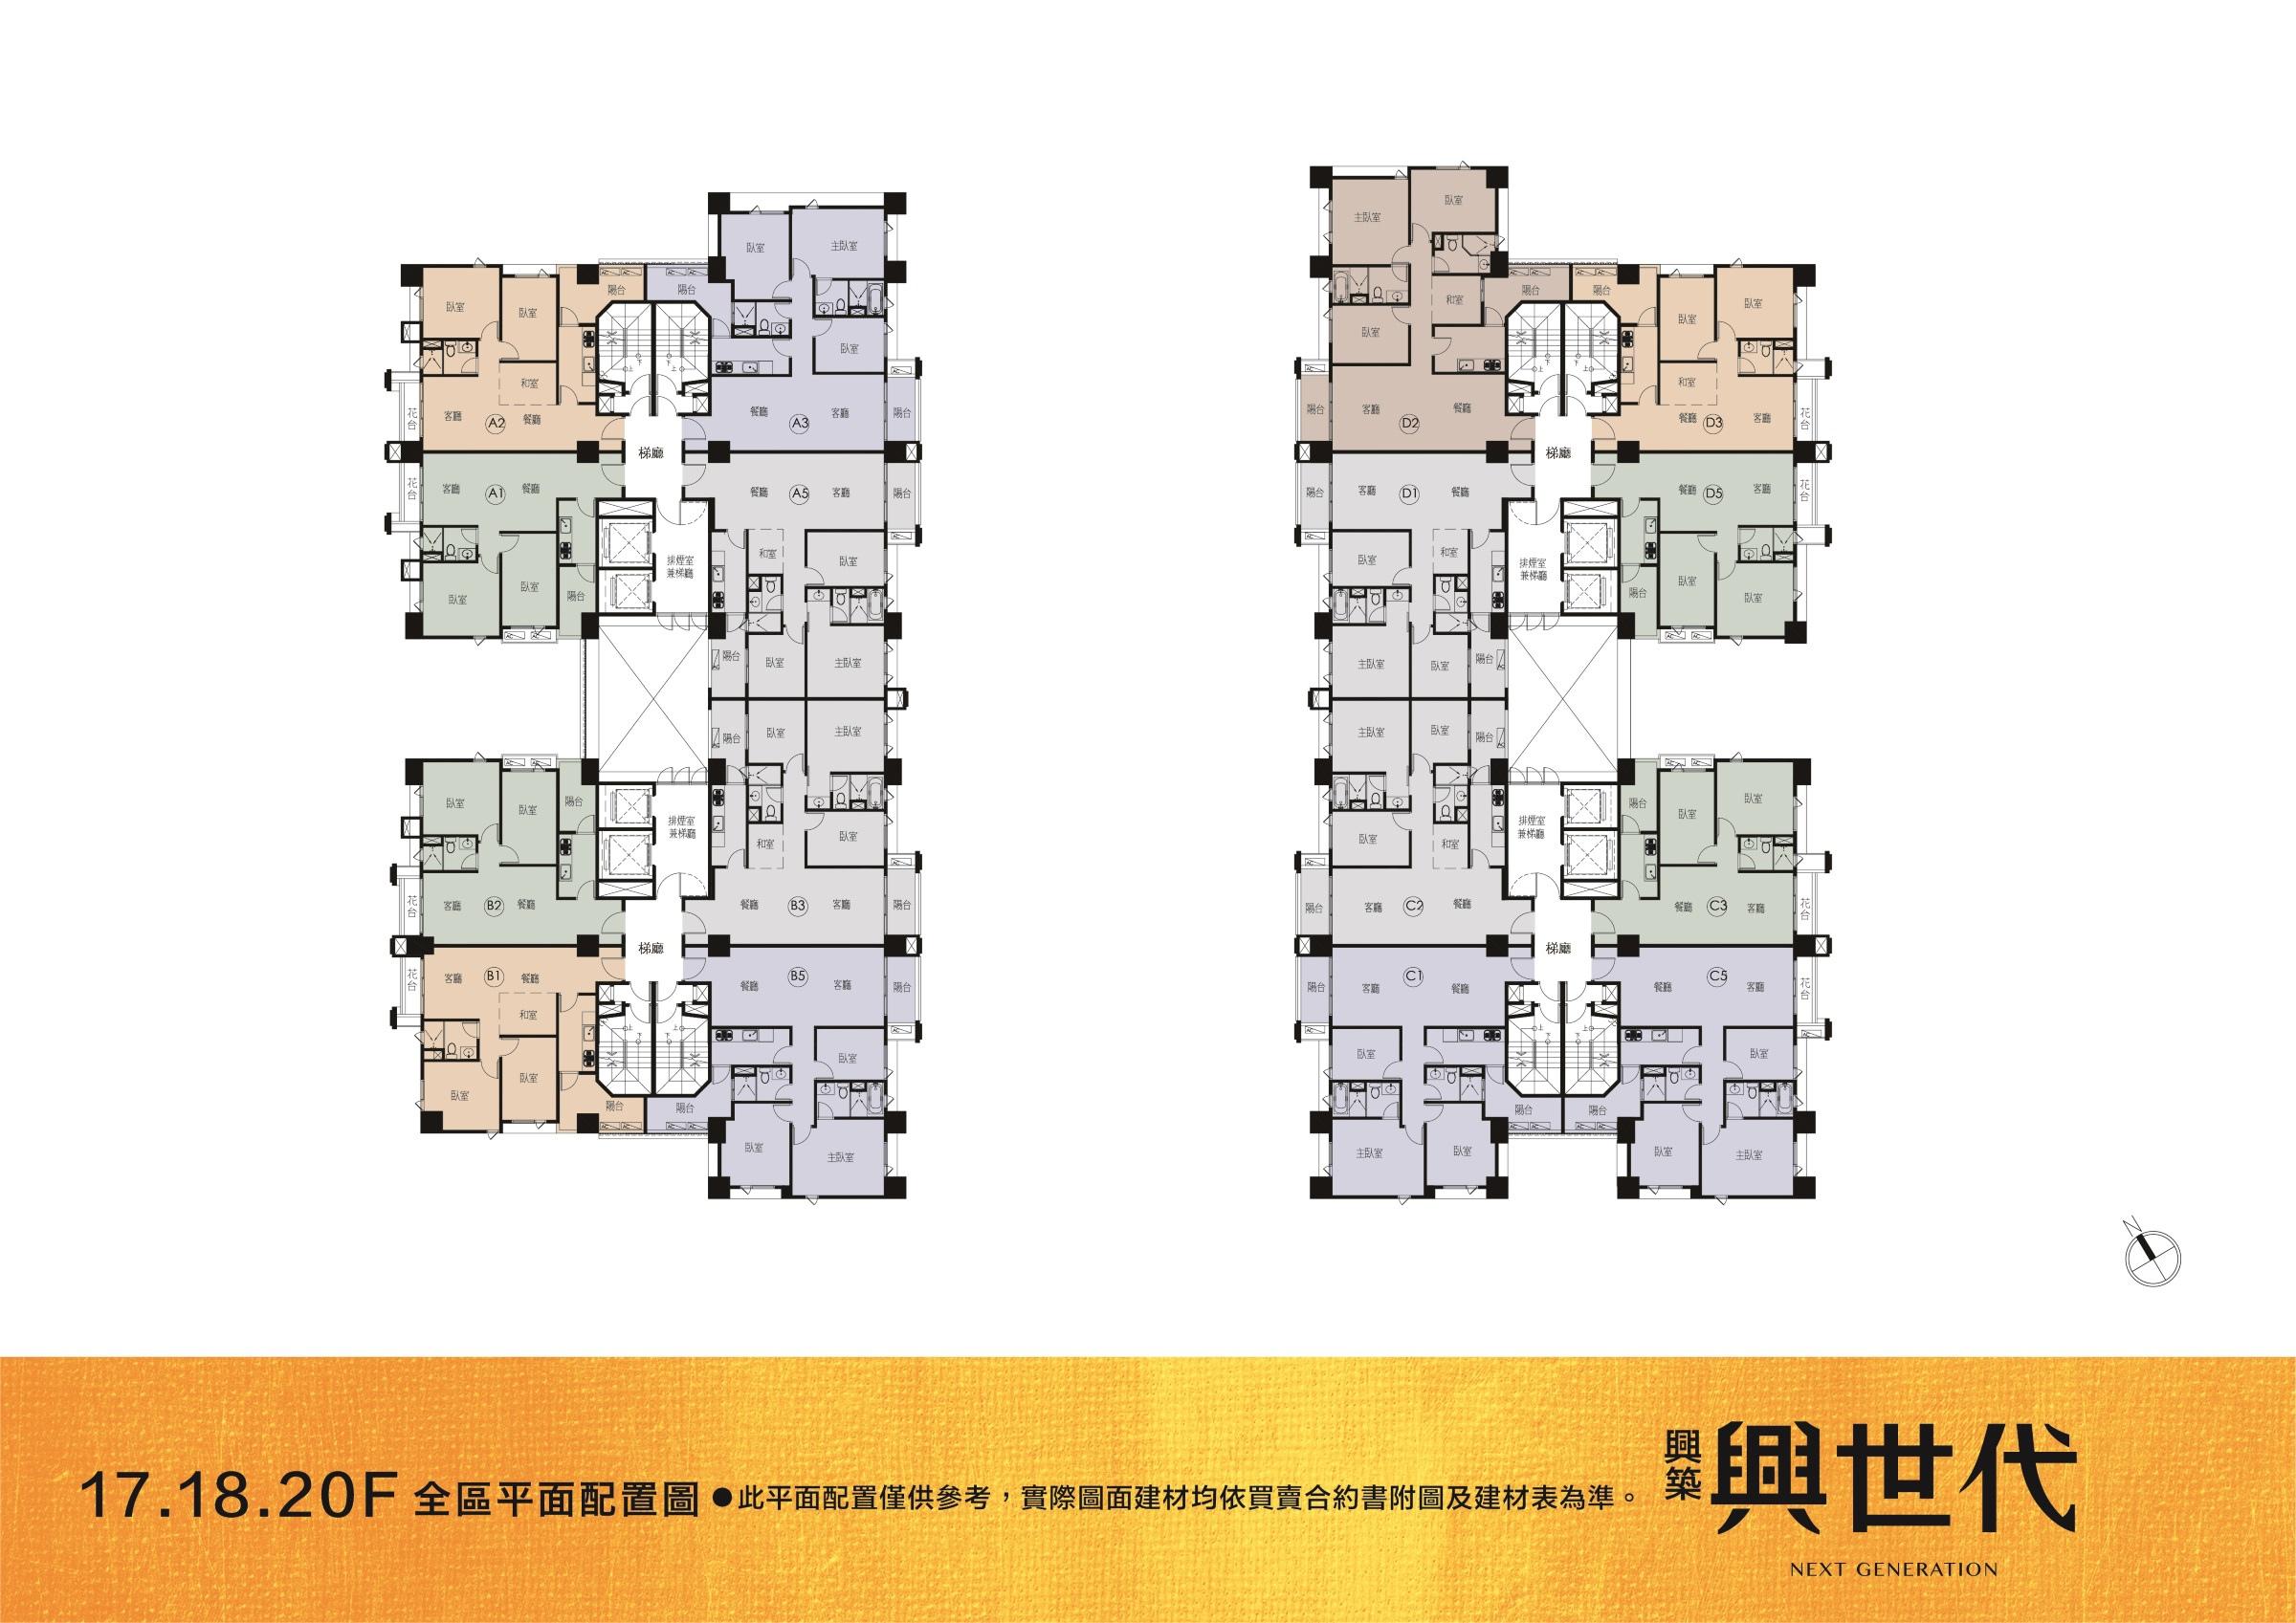 [新竹光埔] 興築建設-興世代(大樓)2015-03-11 027 17F,18F